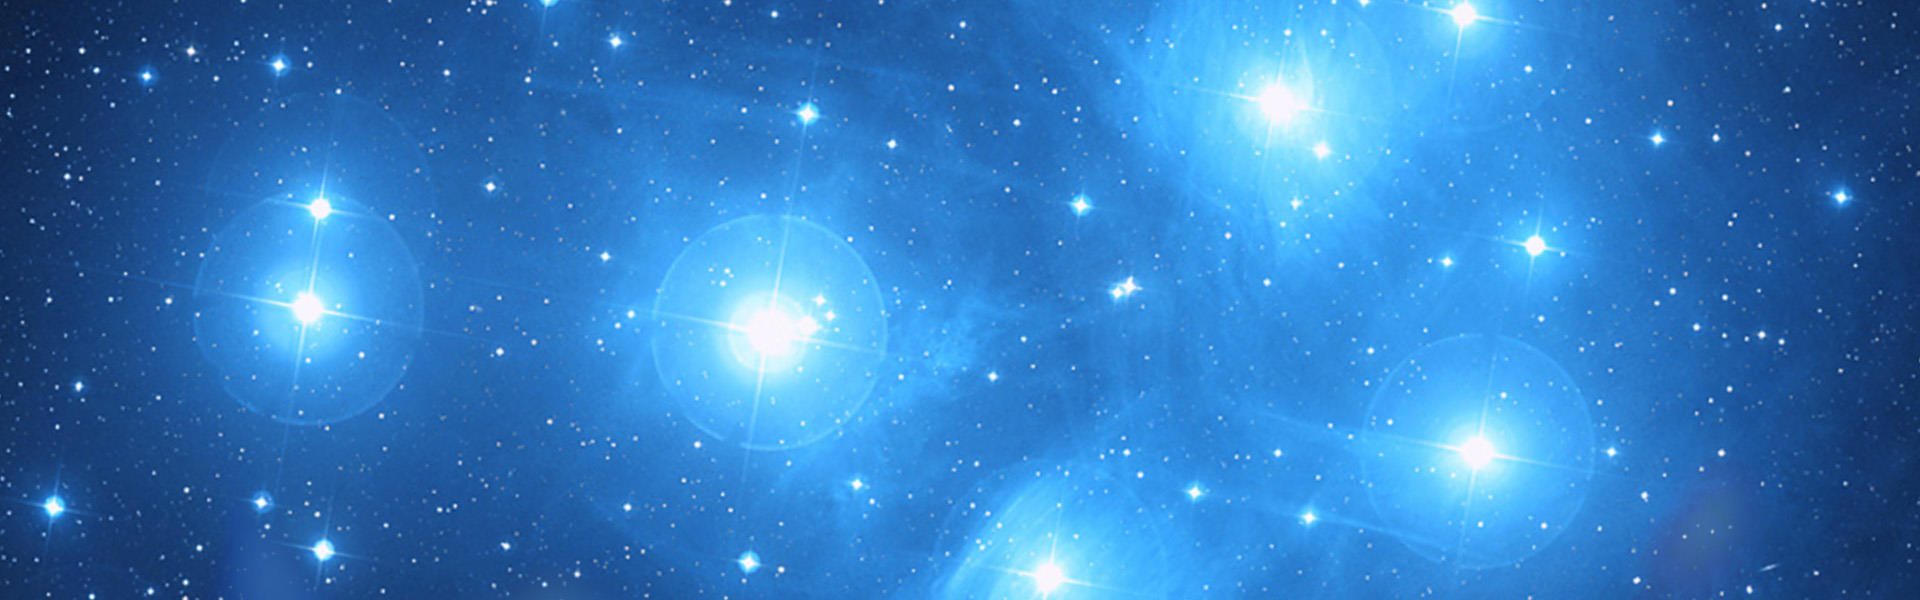 Zu den Sternen